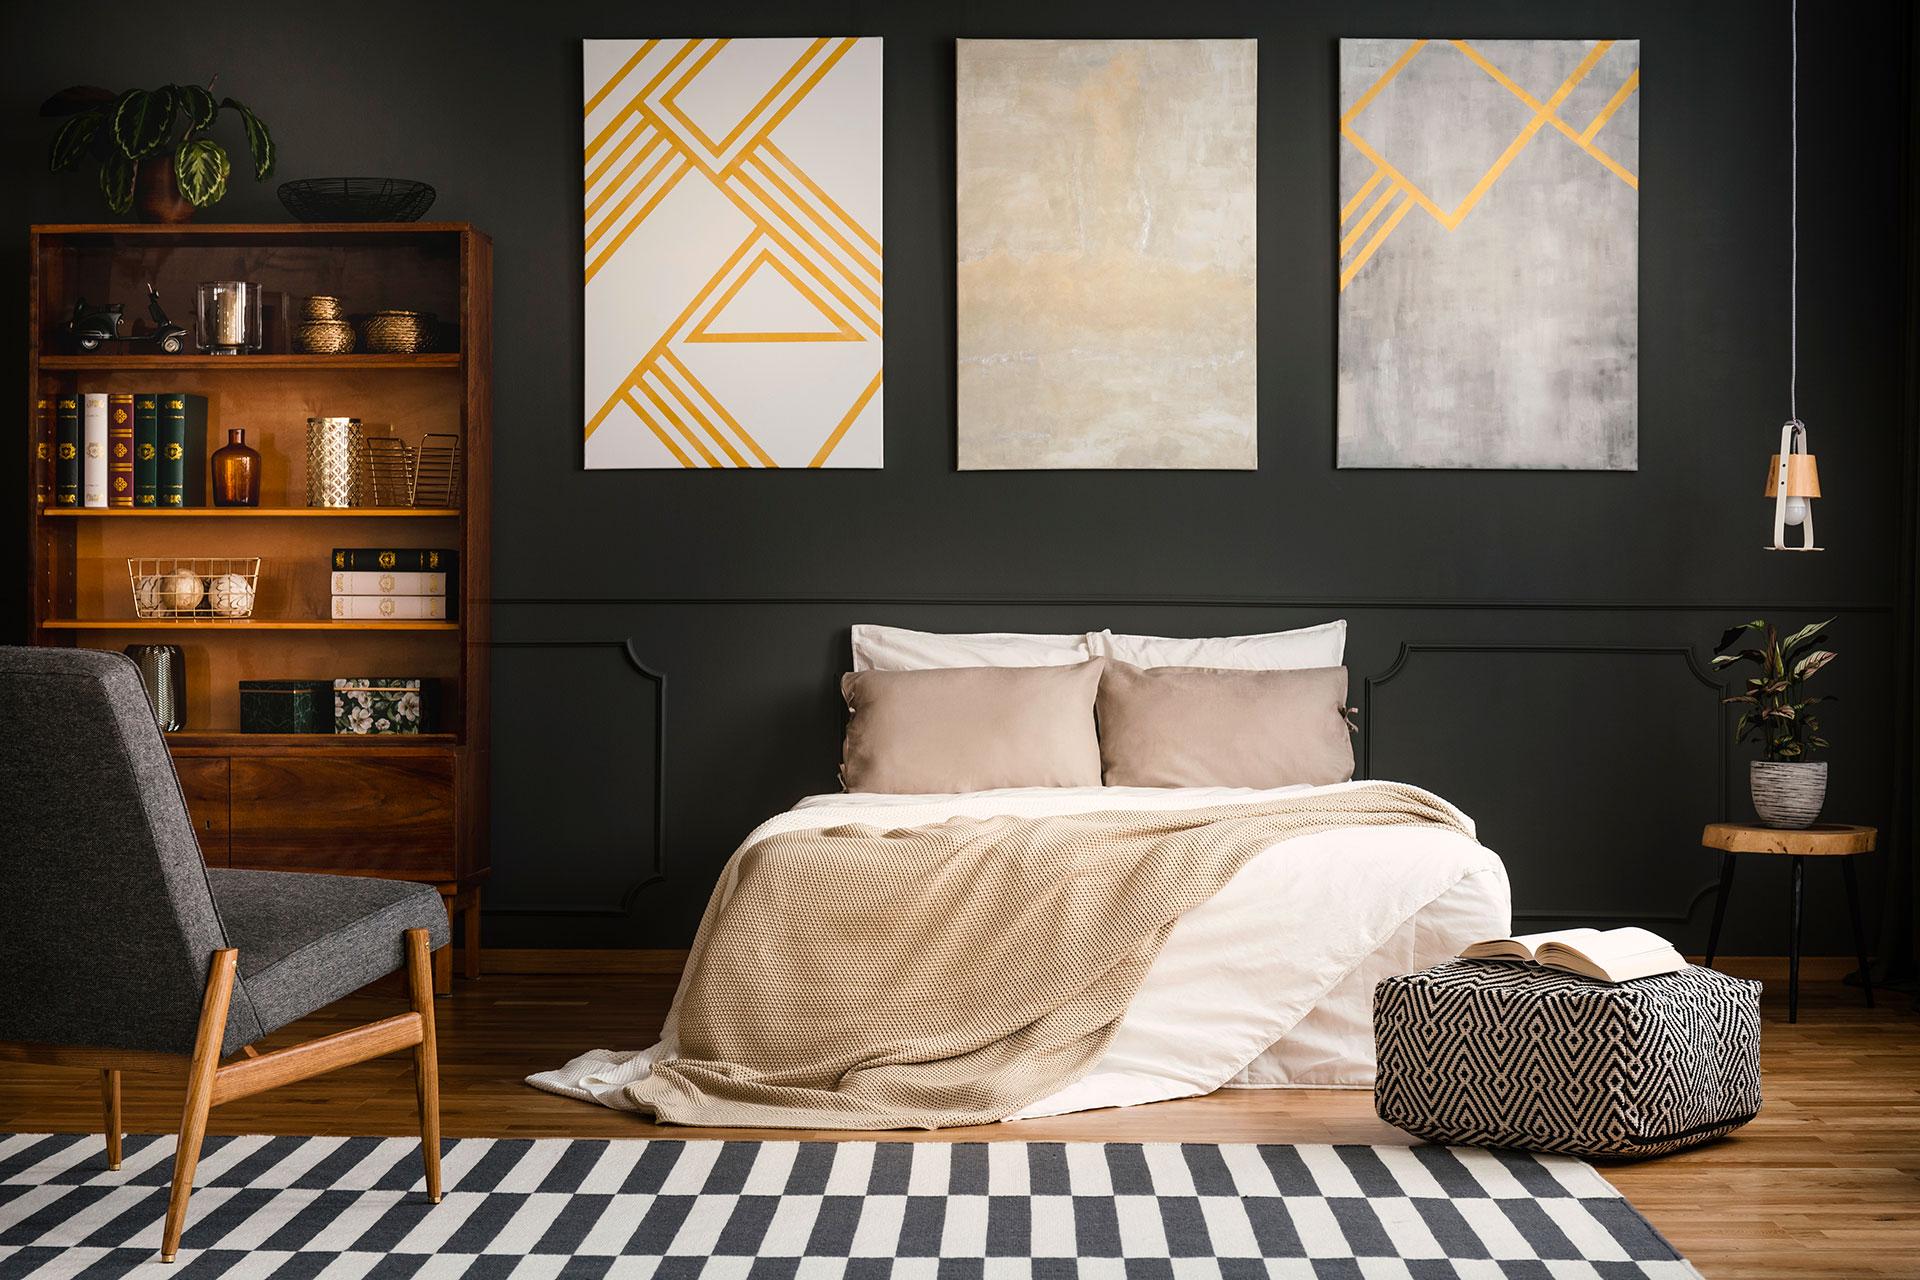 Aménagement d'une chambre d'un appartement témoin pour professionnel de l'immobilier ou agence immobilière